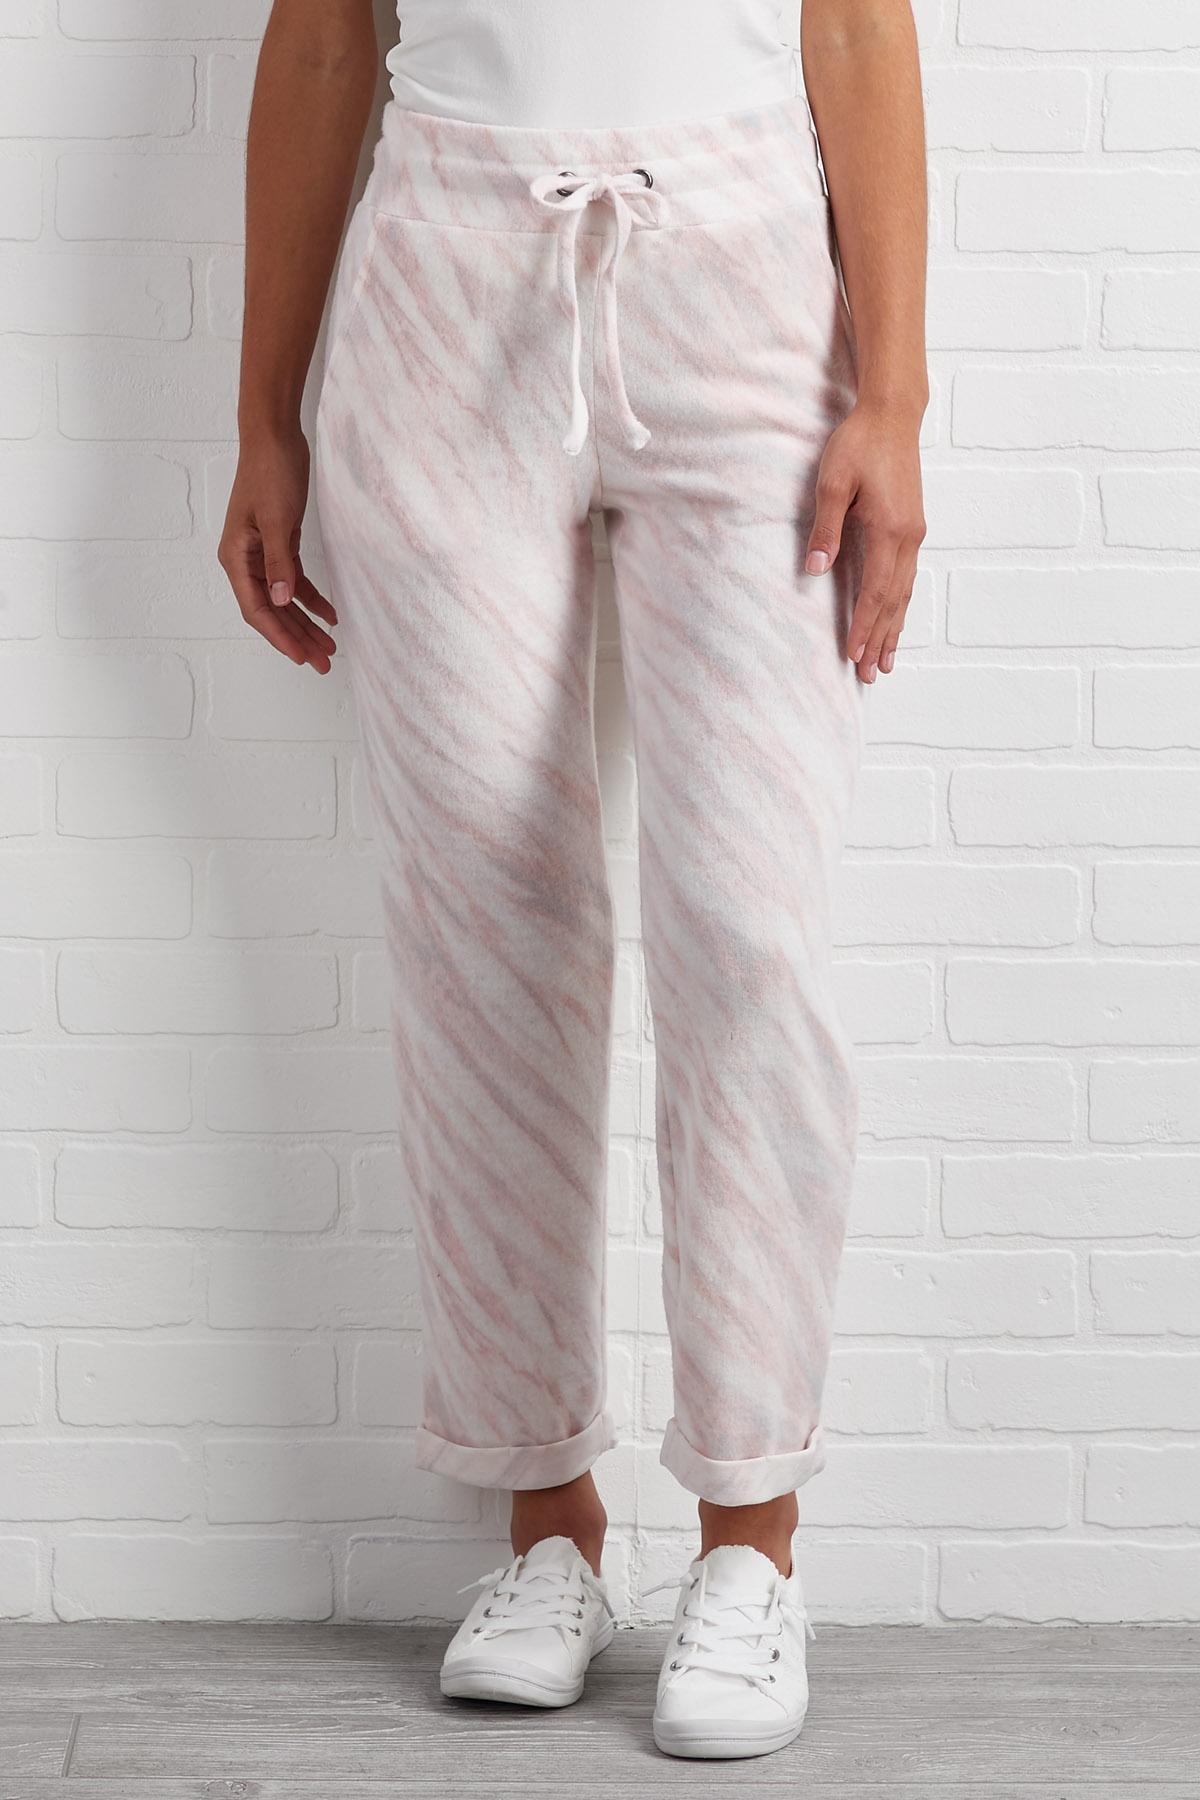 Cotton Candy Kisses Pants